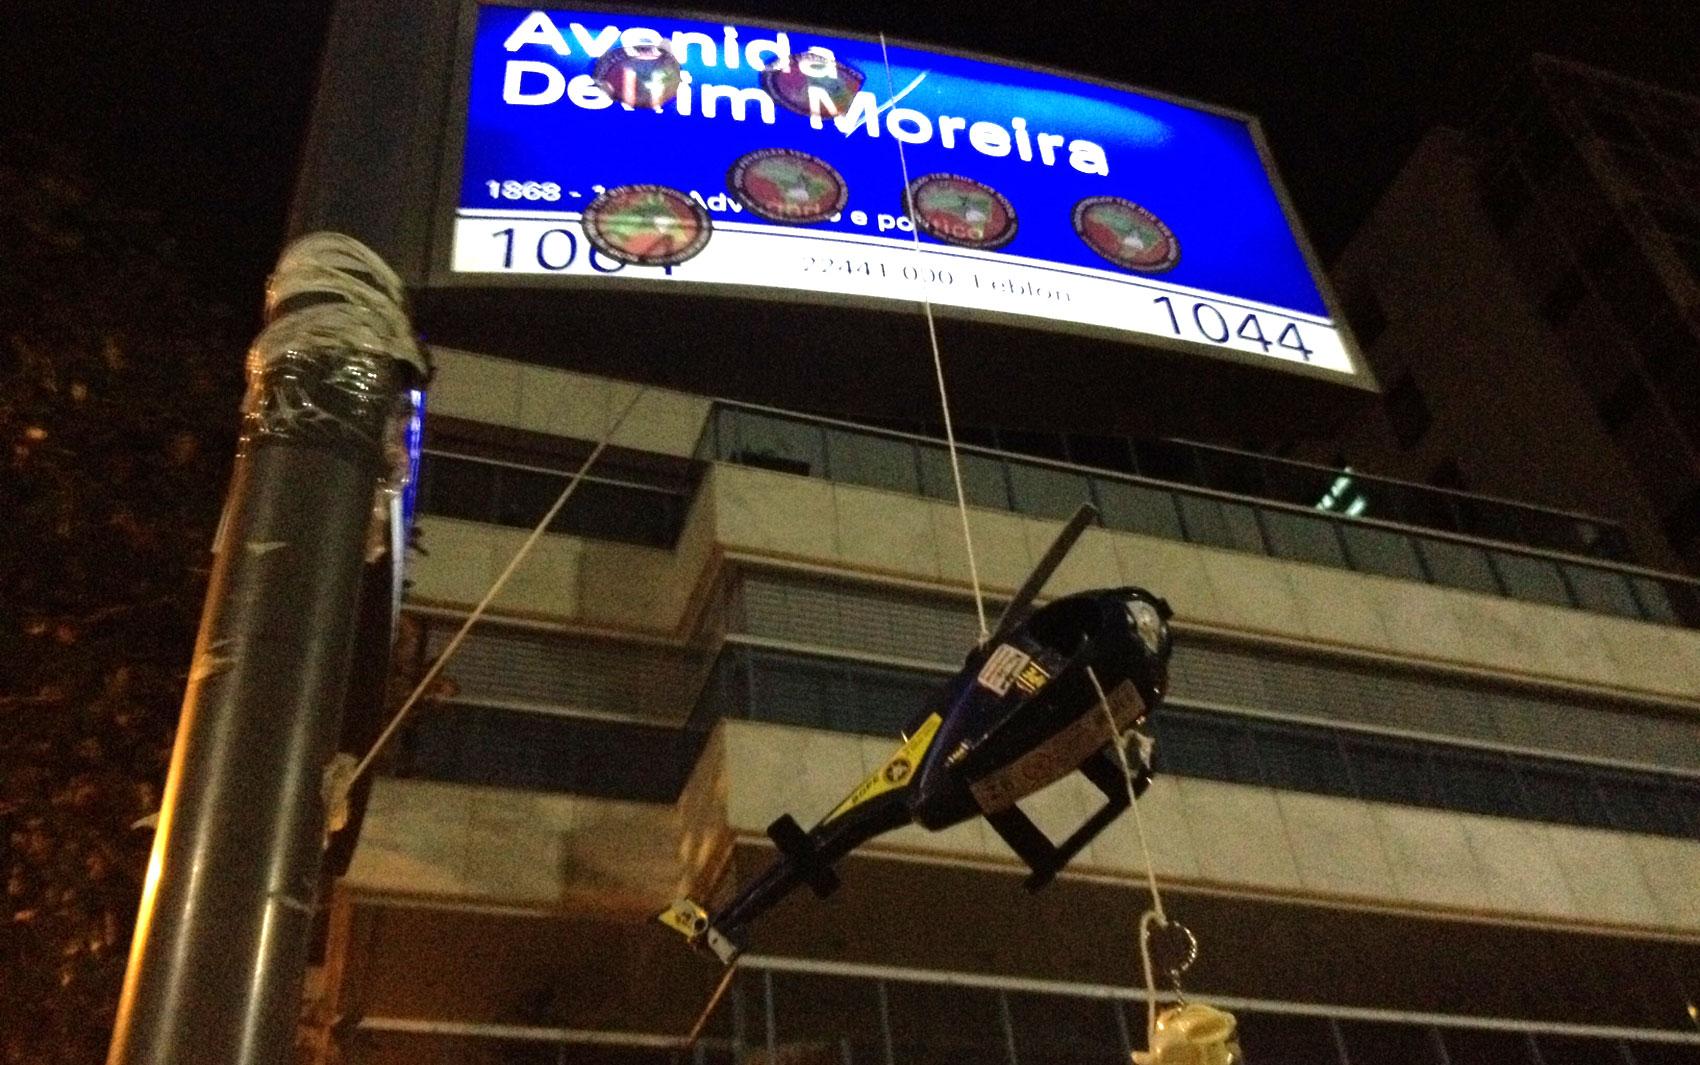 Helicóptero de brinquedo faz menção ao helicóptero oficial usado pelo governador do Rio